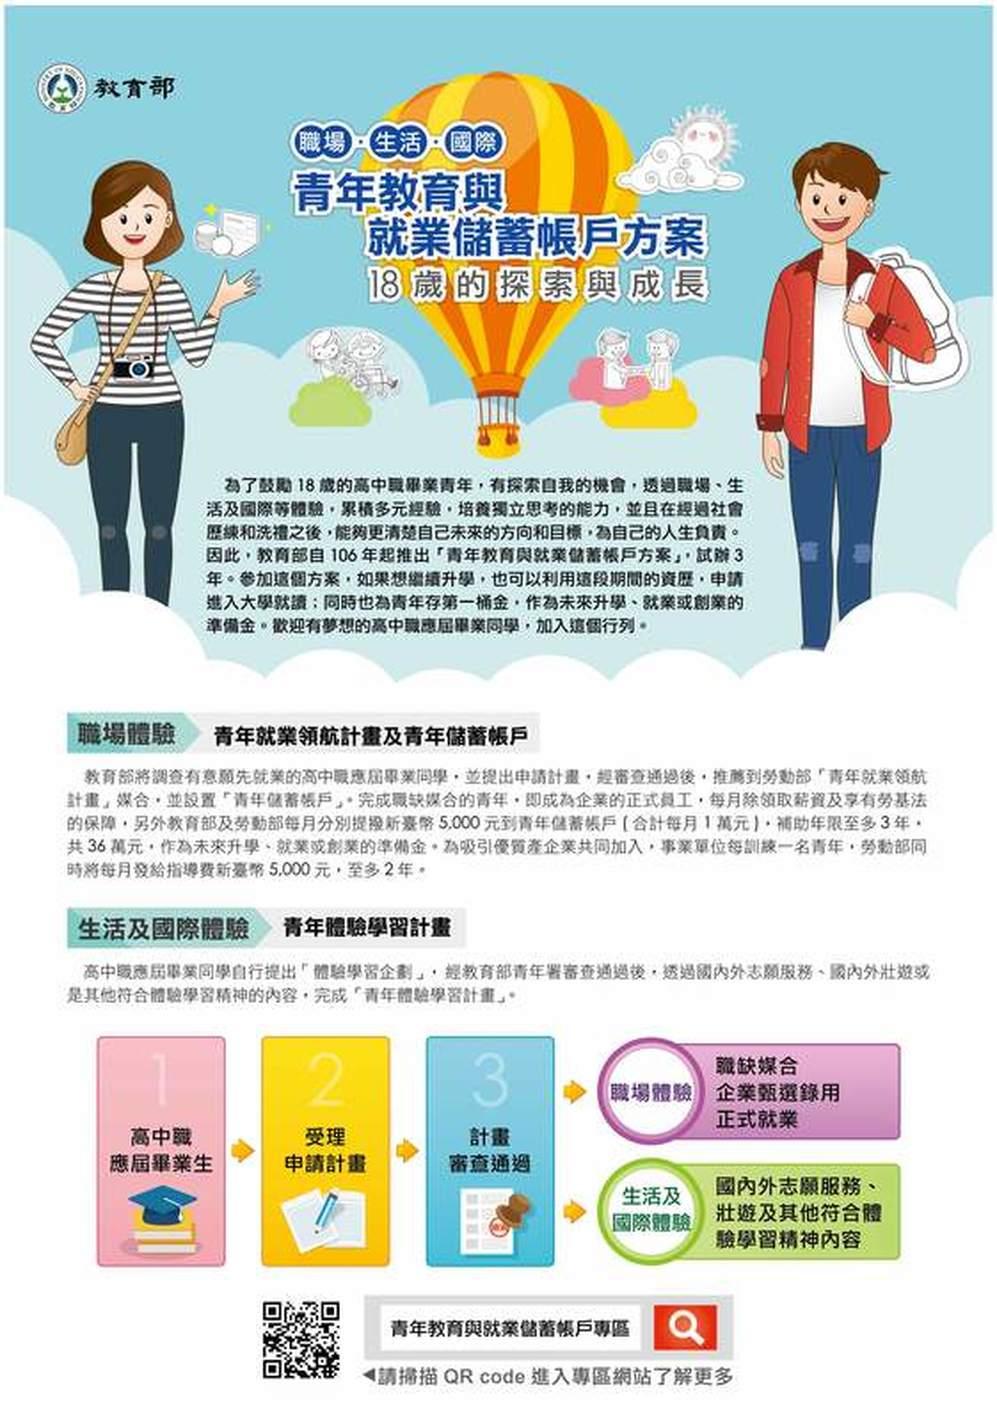 青年教育與就業儲蓄帳戶方案 - 中華中學輔導室